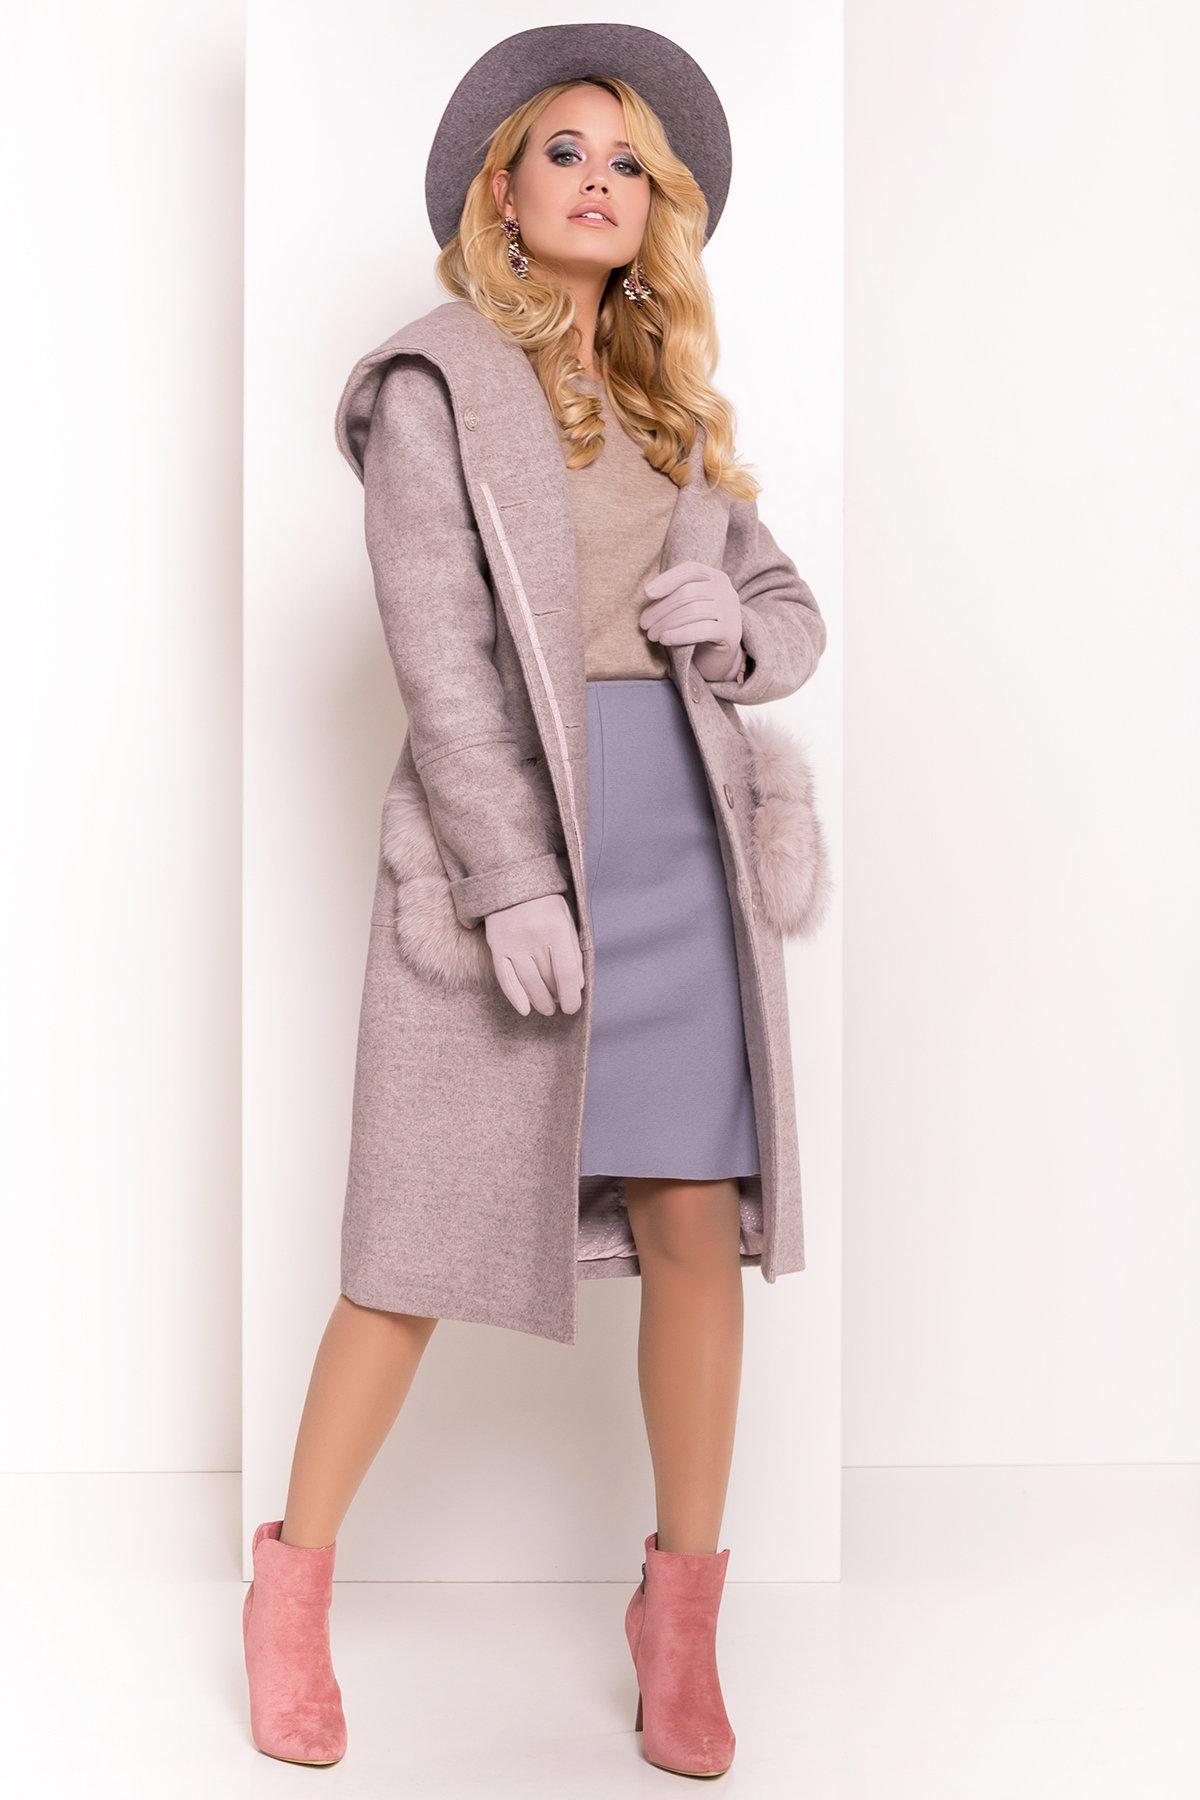 Пальто зима  Анита 4120 АРТ. 38129 Цвет: Бежевый 31 - фото 3, интернет магазин tm-modus.ru